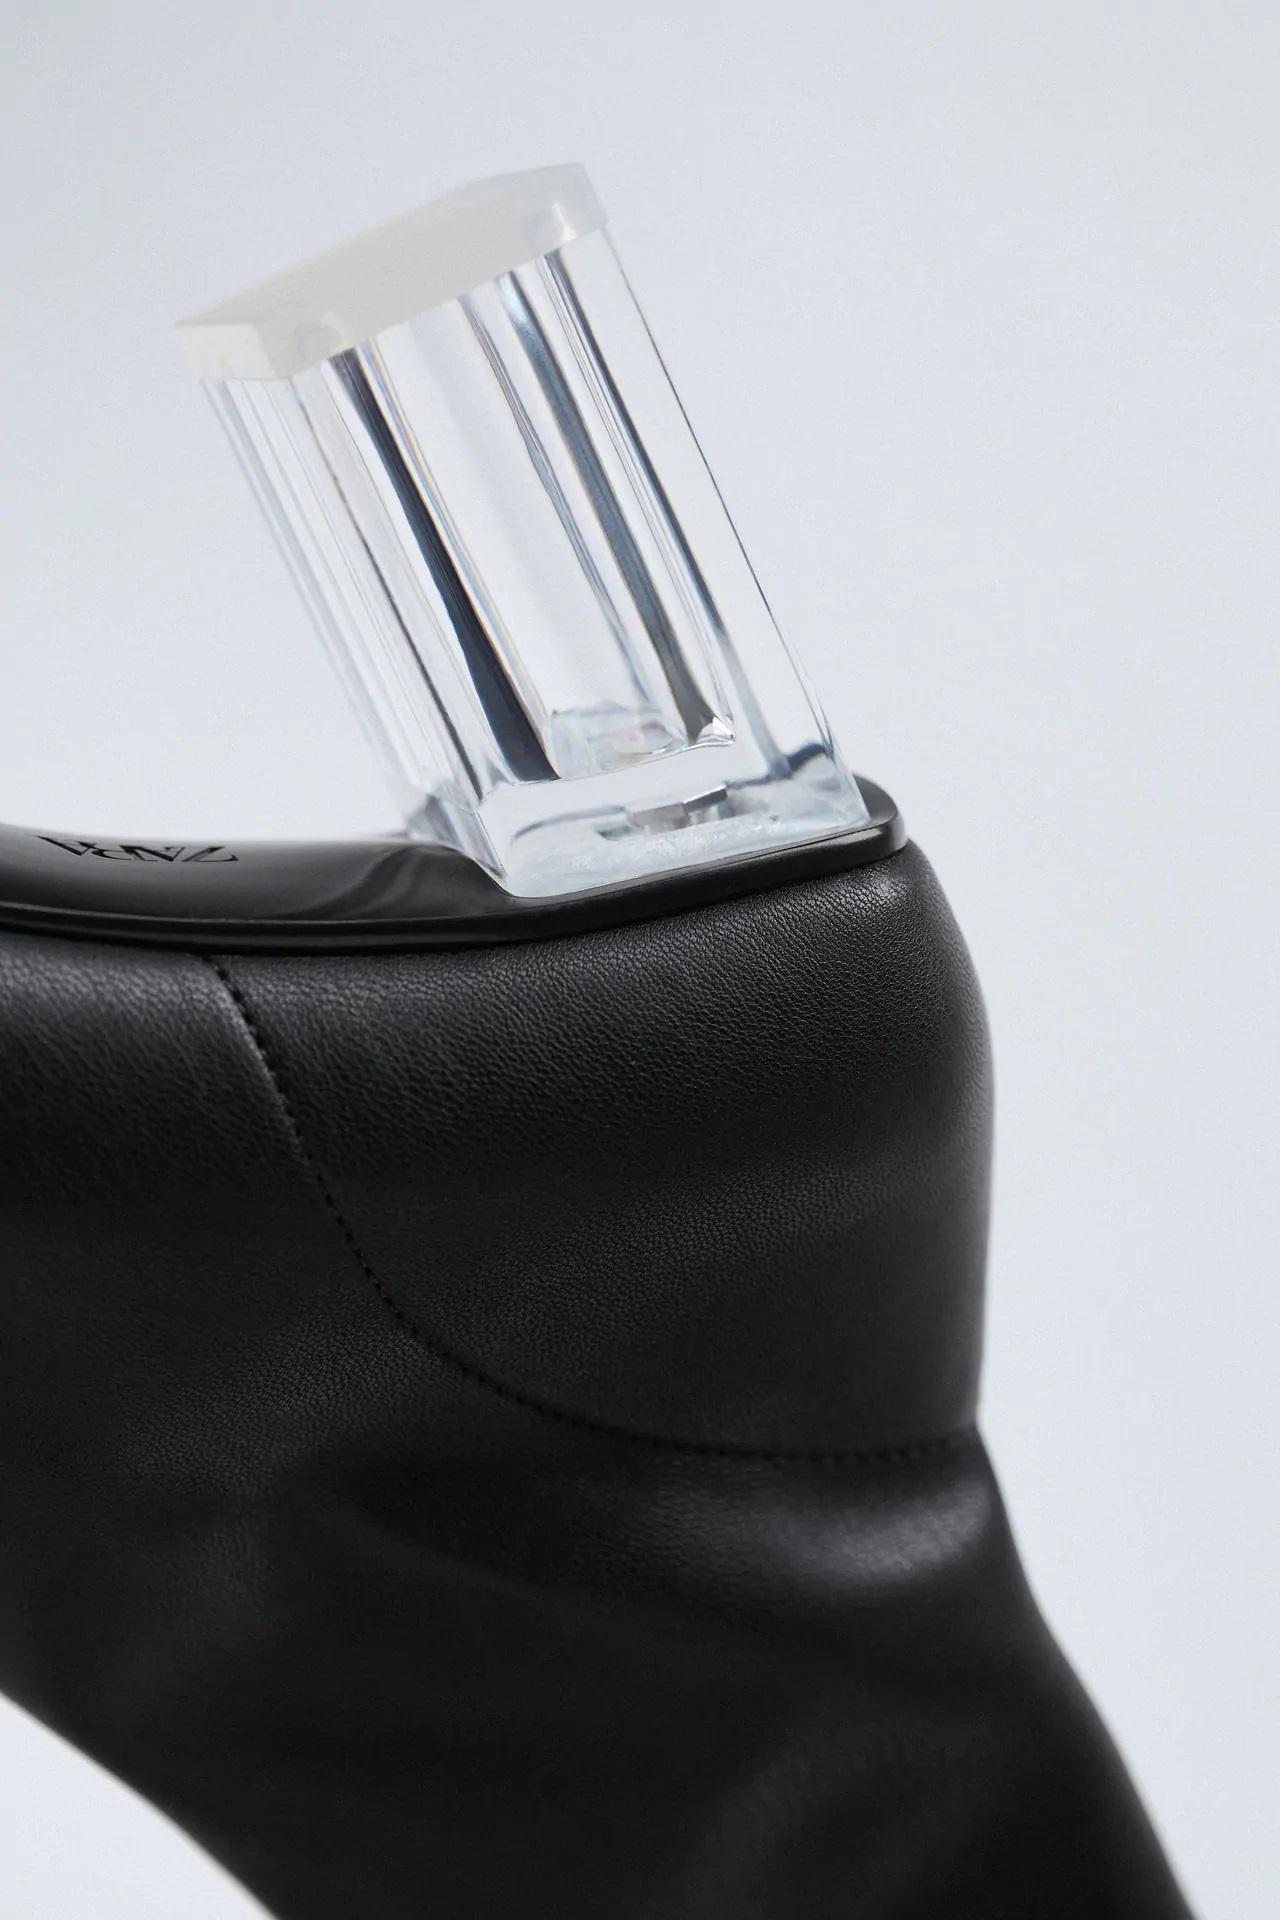 Este es el botín de Zara más buscado para unas Navidades en casa